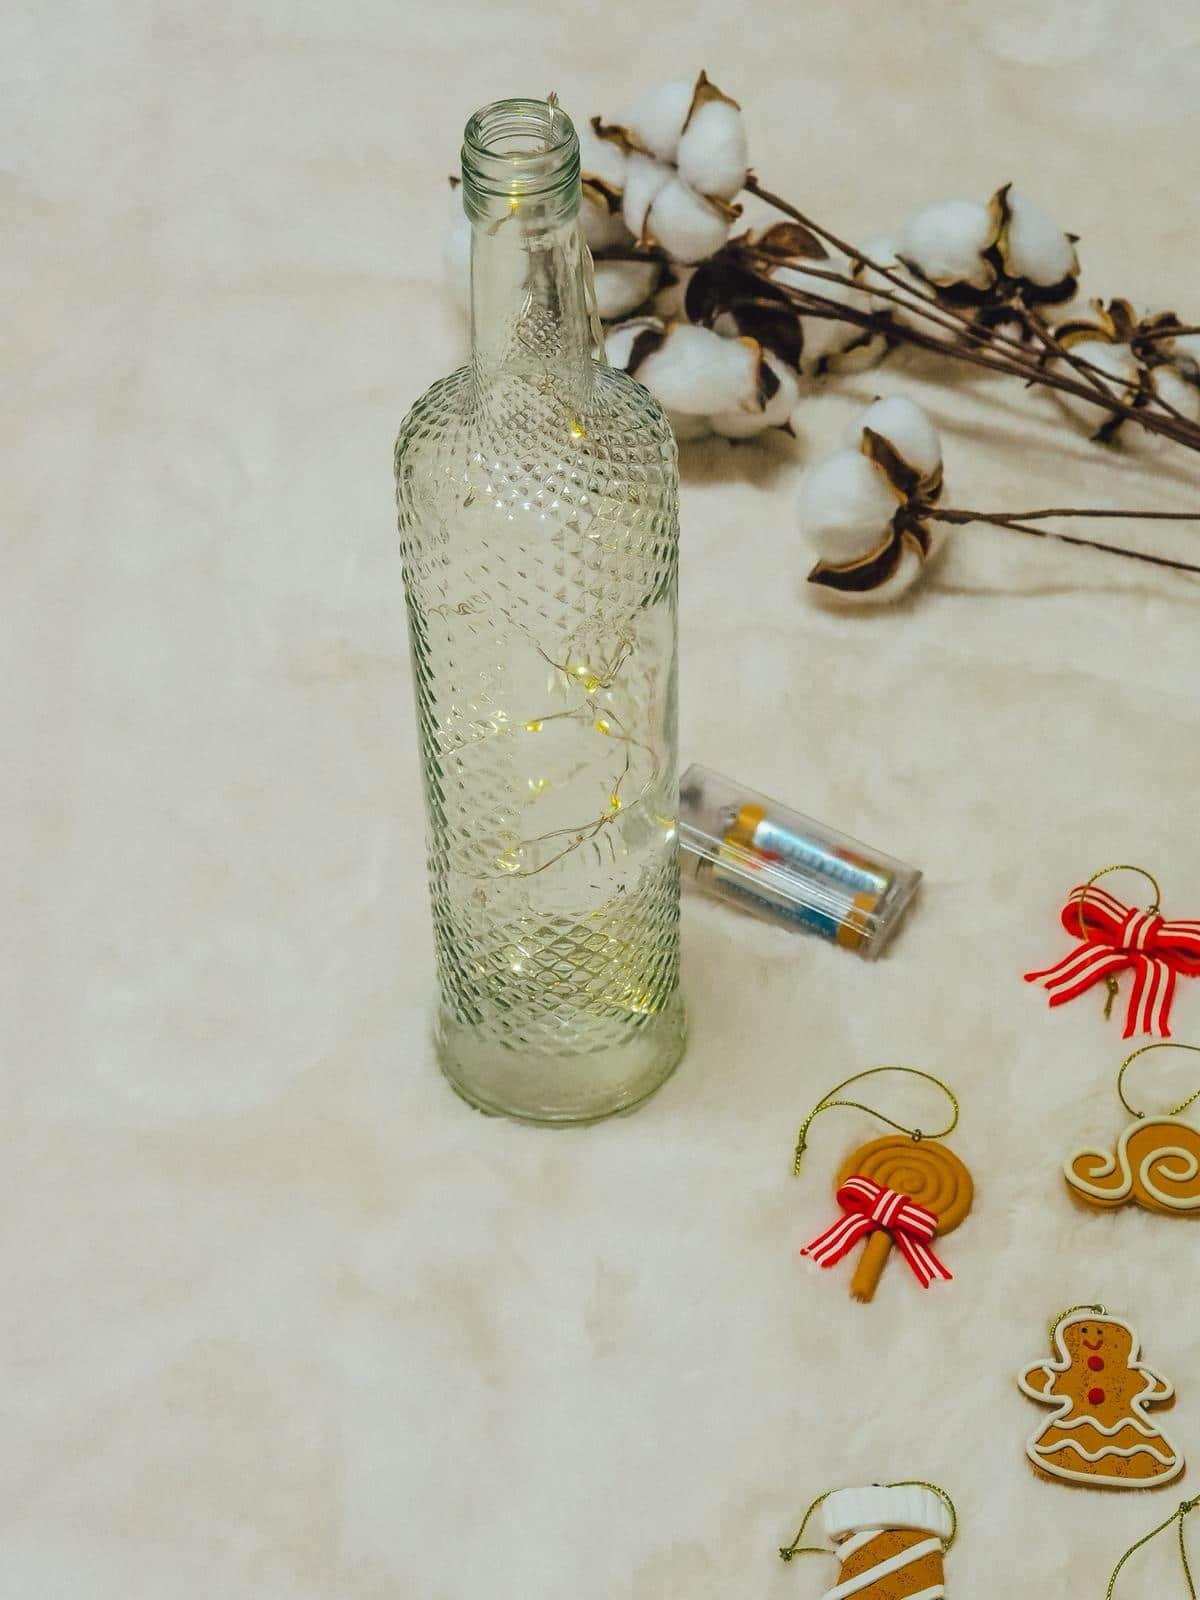 DIY Schneezauber Leuchtflasche für daheim.